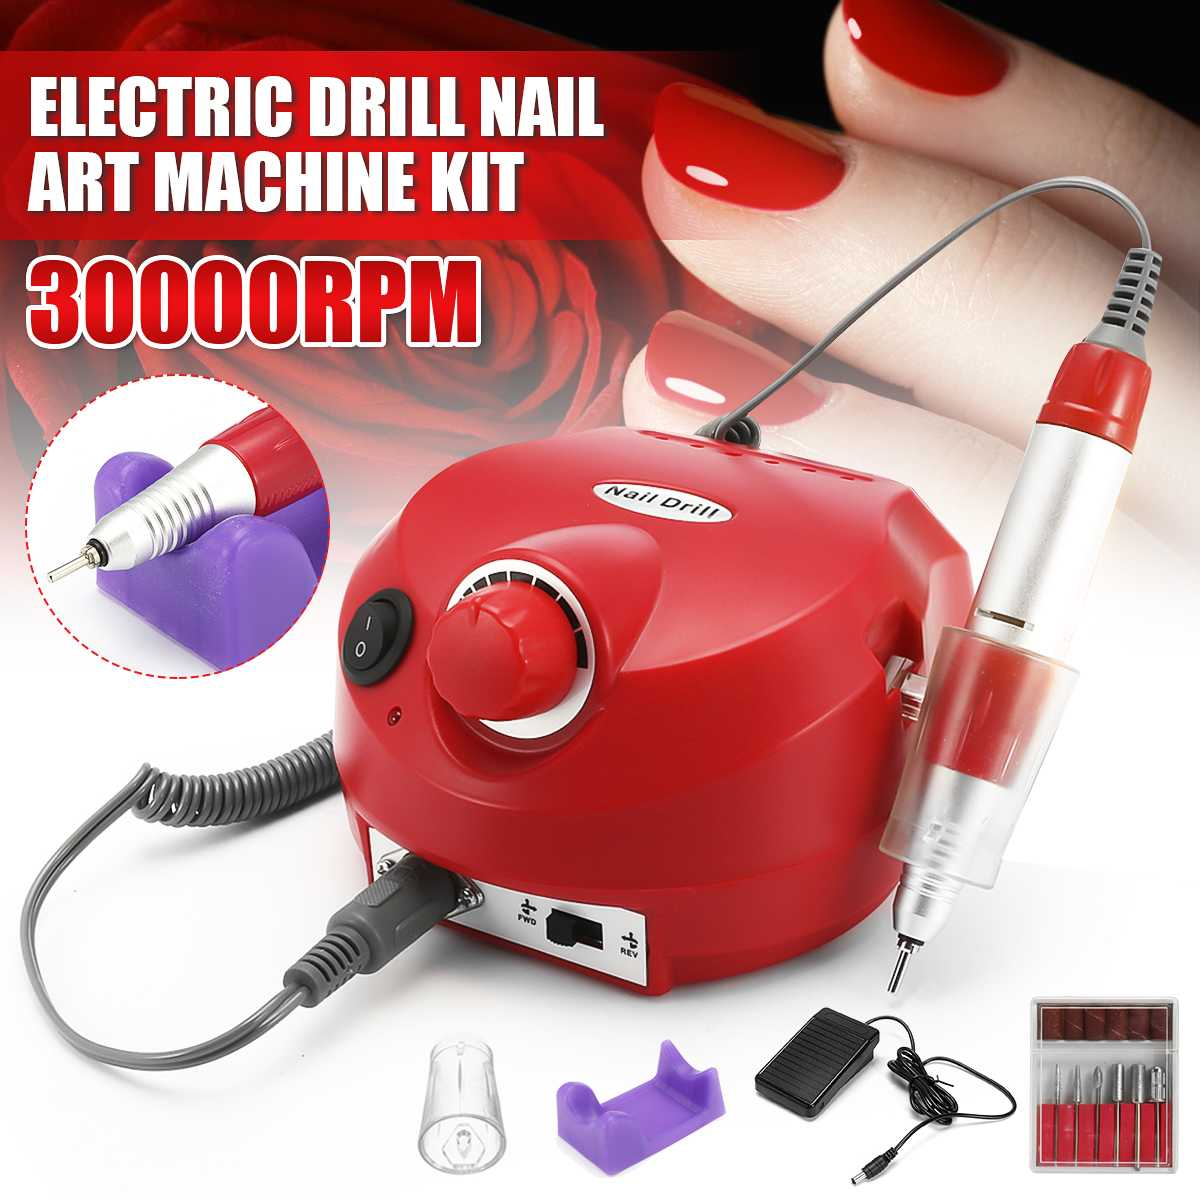 Máquina de Broca do Prego Conjuntos para Manicure Elétrica Moinho Cortador Unhas Dicas Manicure Pedicure Arquivo Casa Ferramenta 30000 Rpm